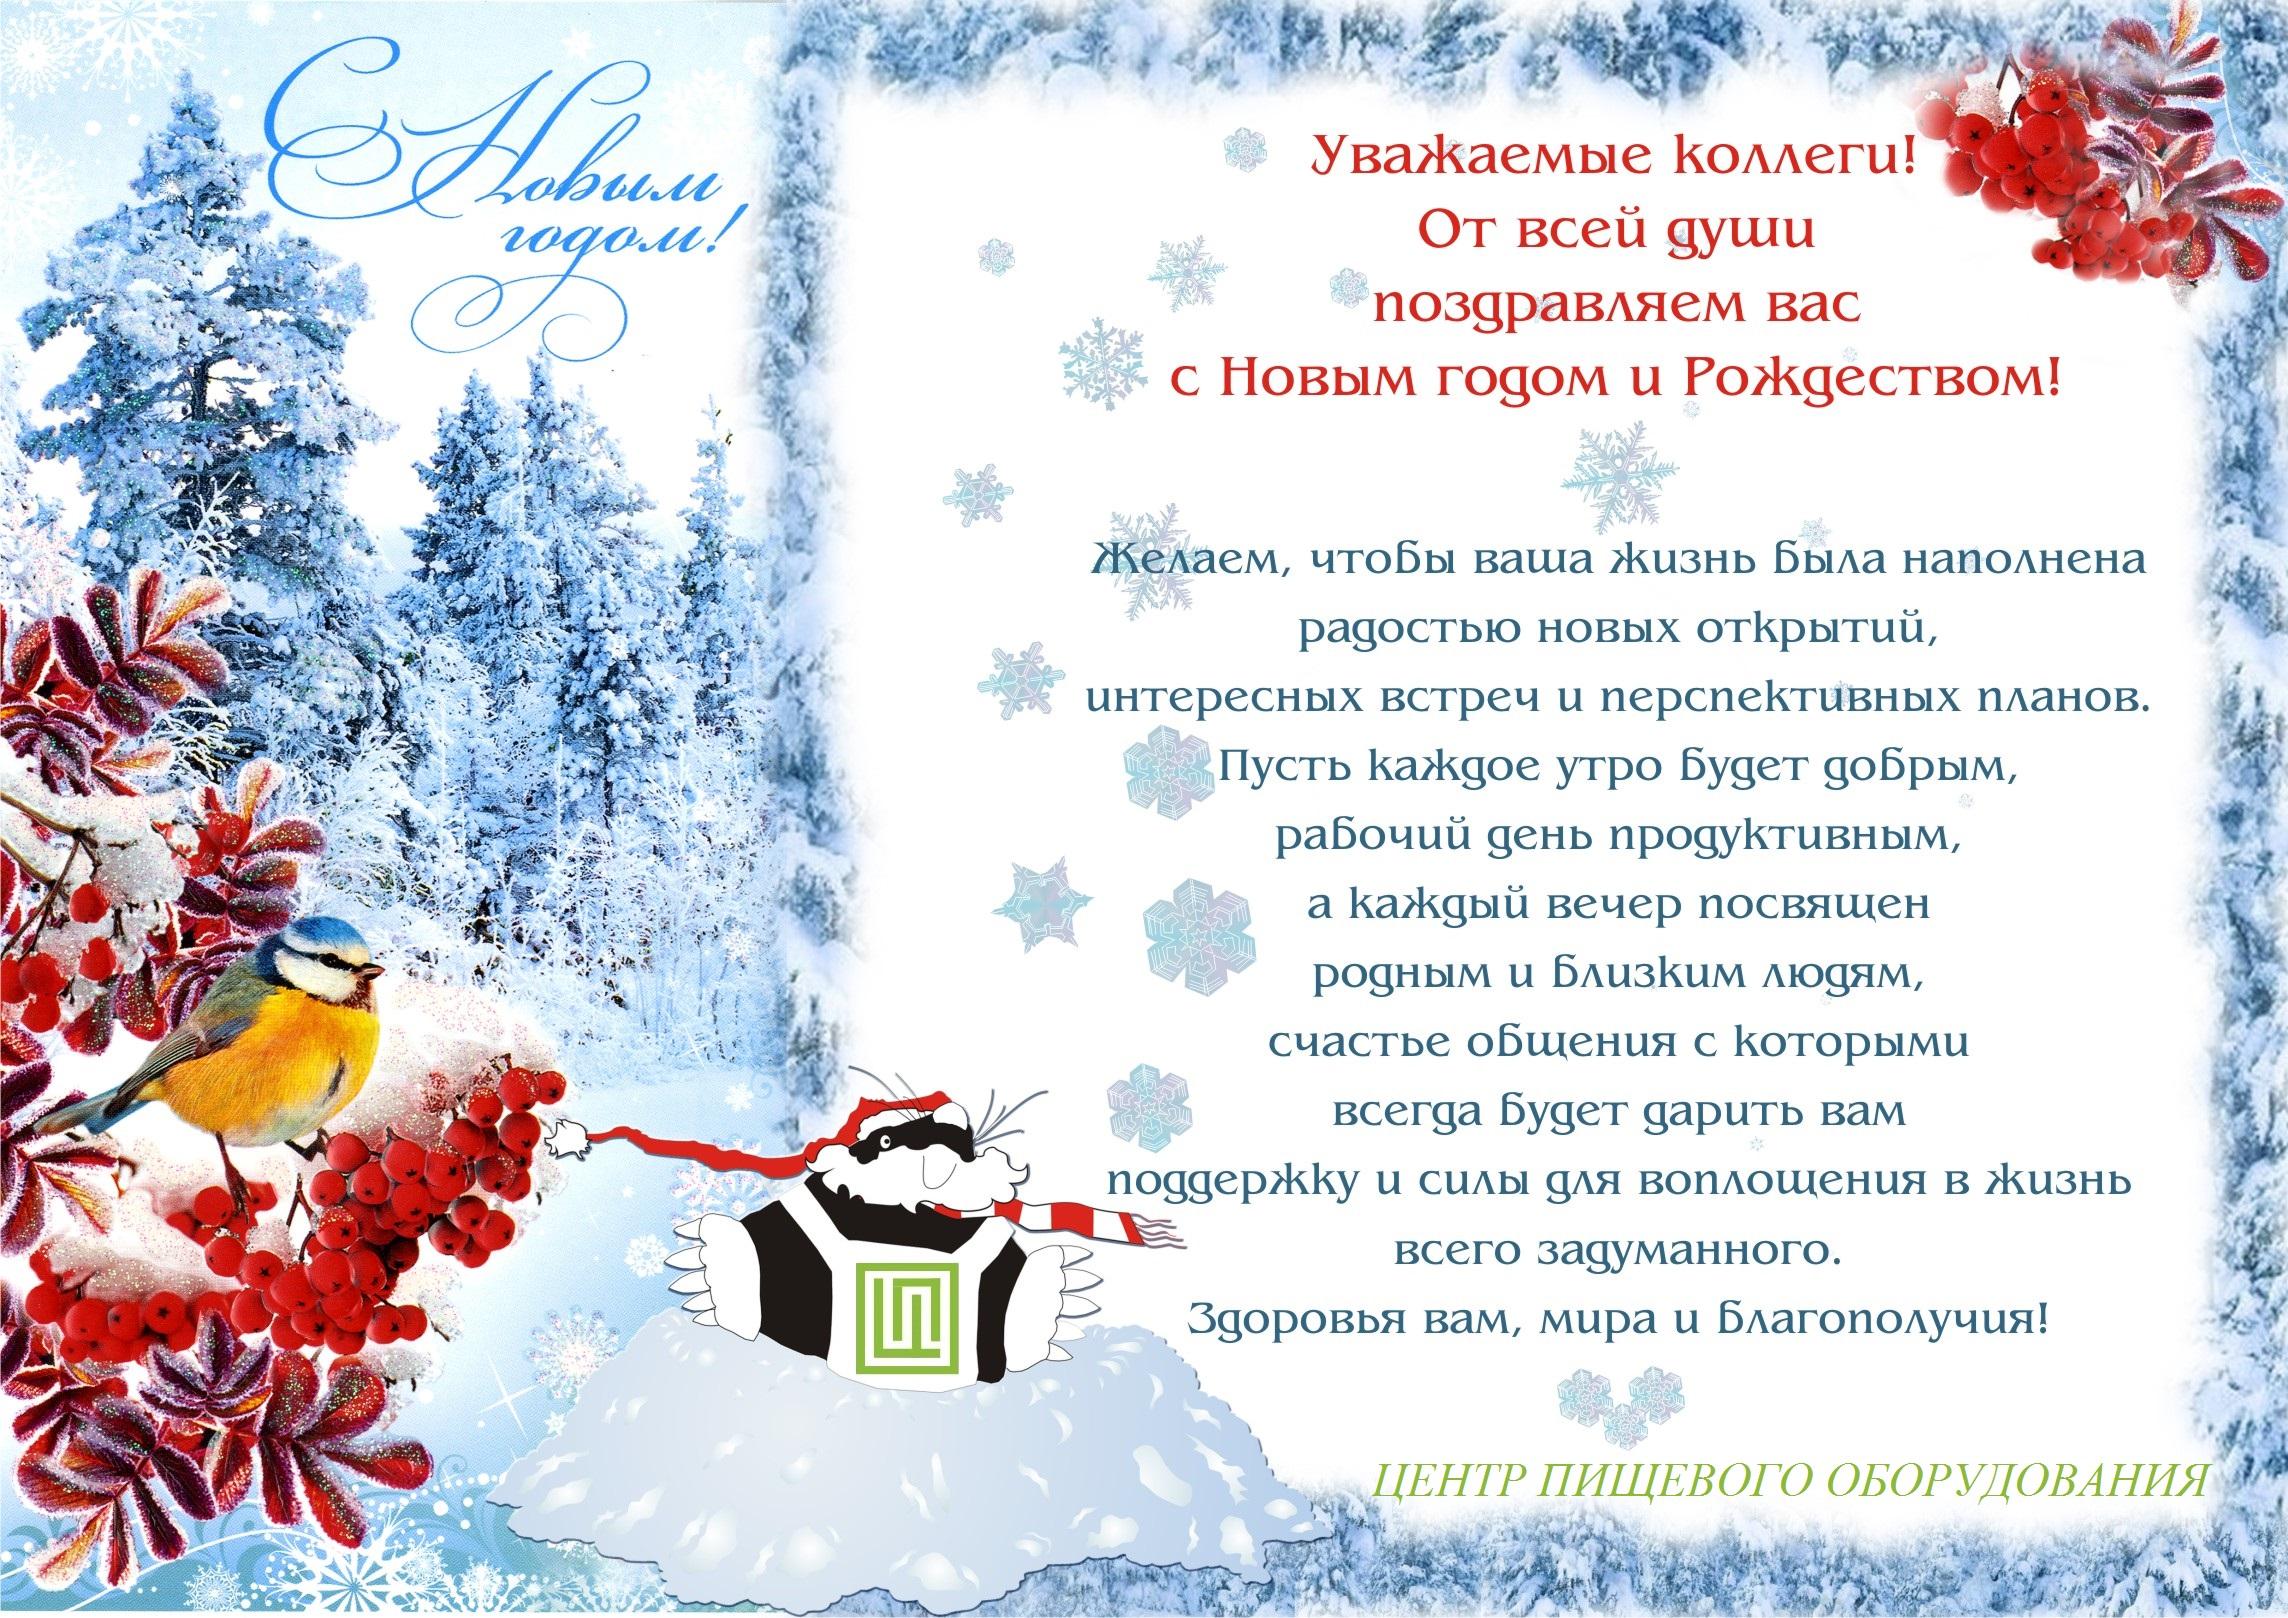 Днем россии, поздравительная открытка с новым годом и рождеством 2019 коллегам